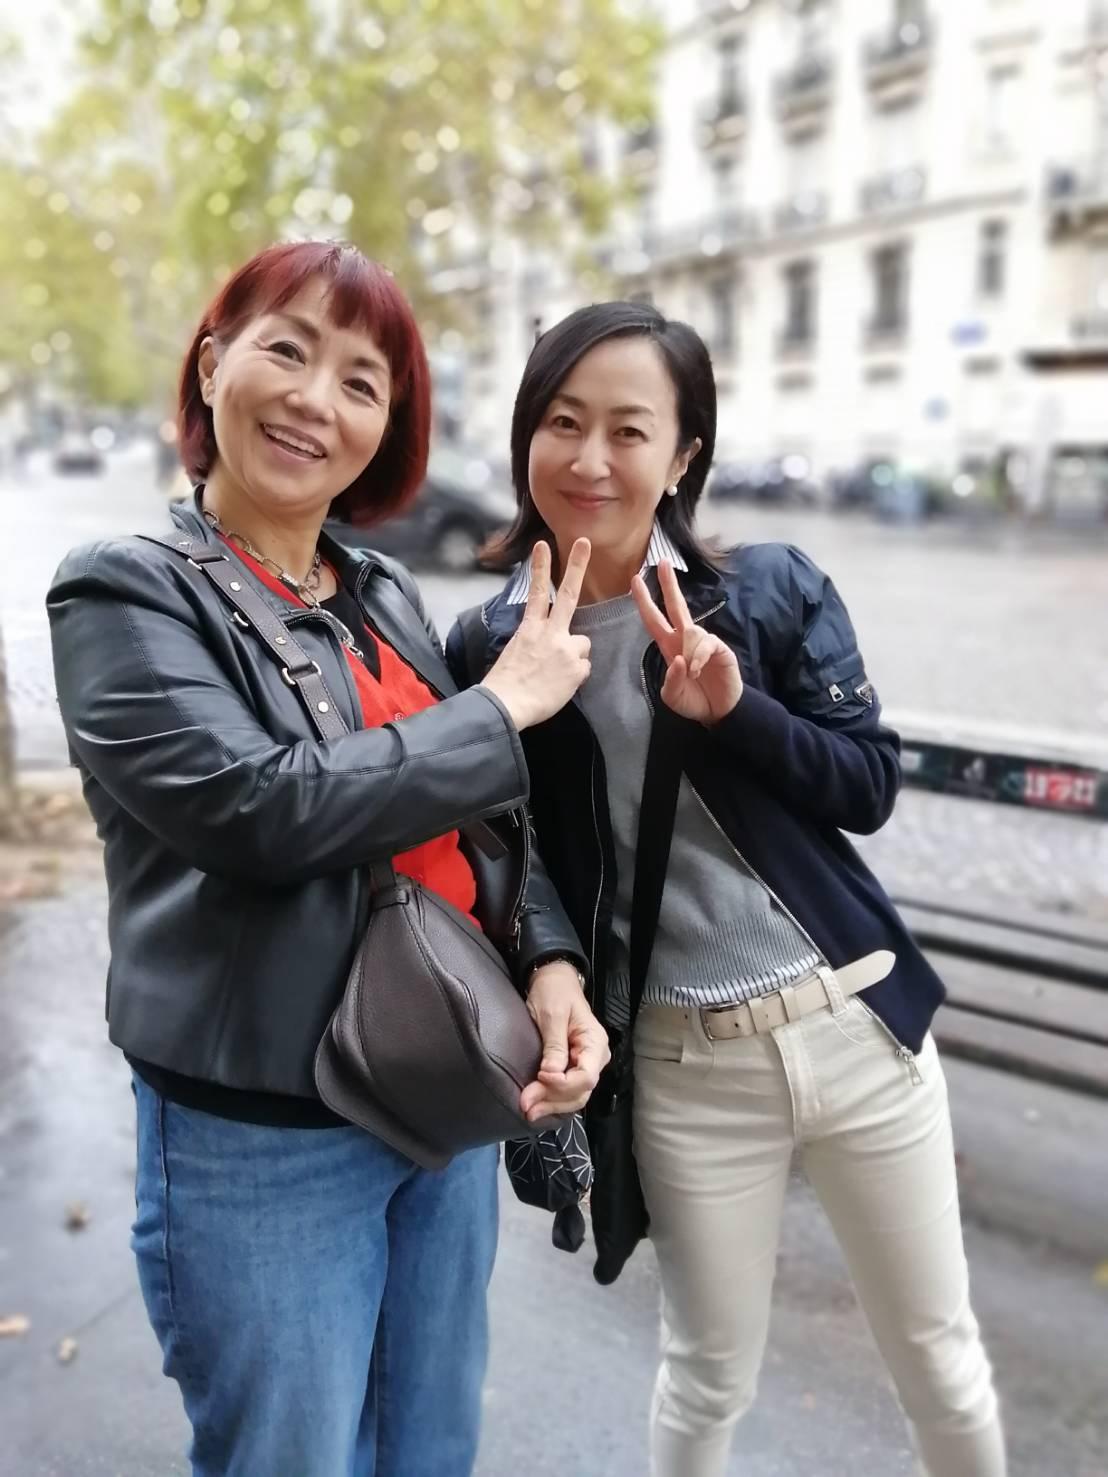 パリのマルシェ『イエナのマルシェ』_b0060363_03420257.jpeg